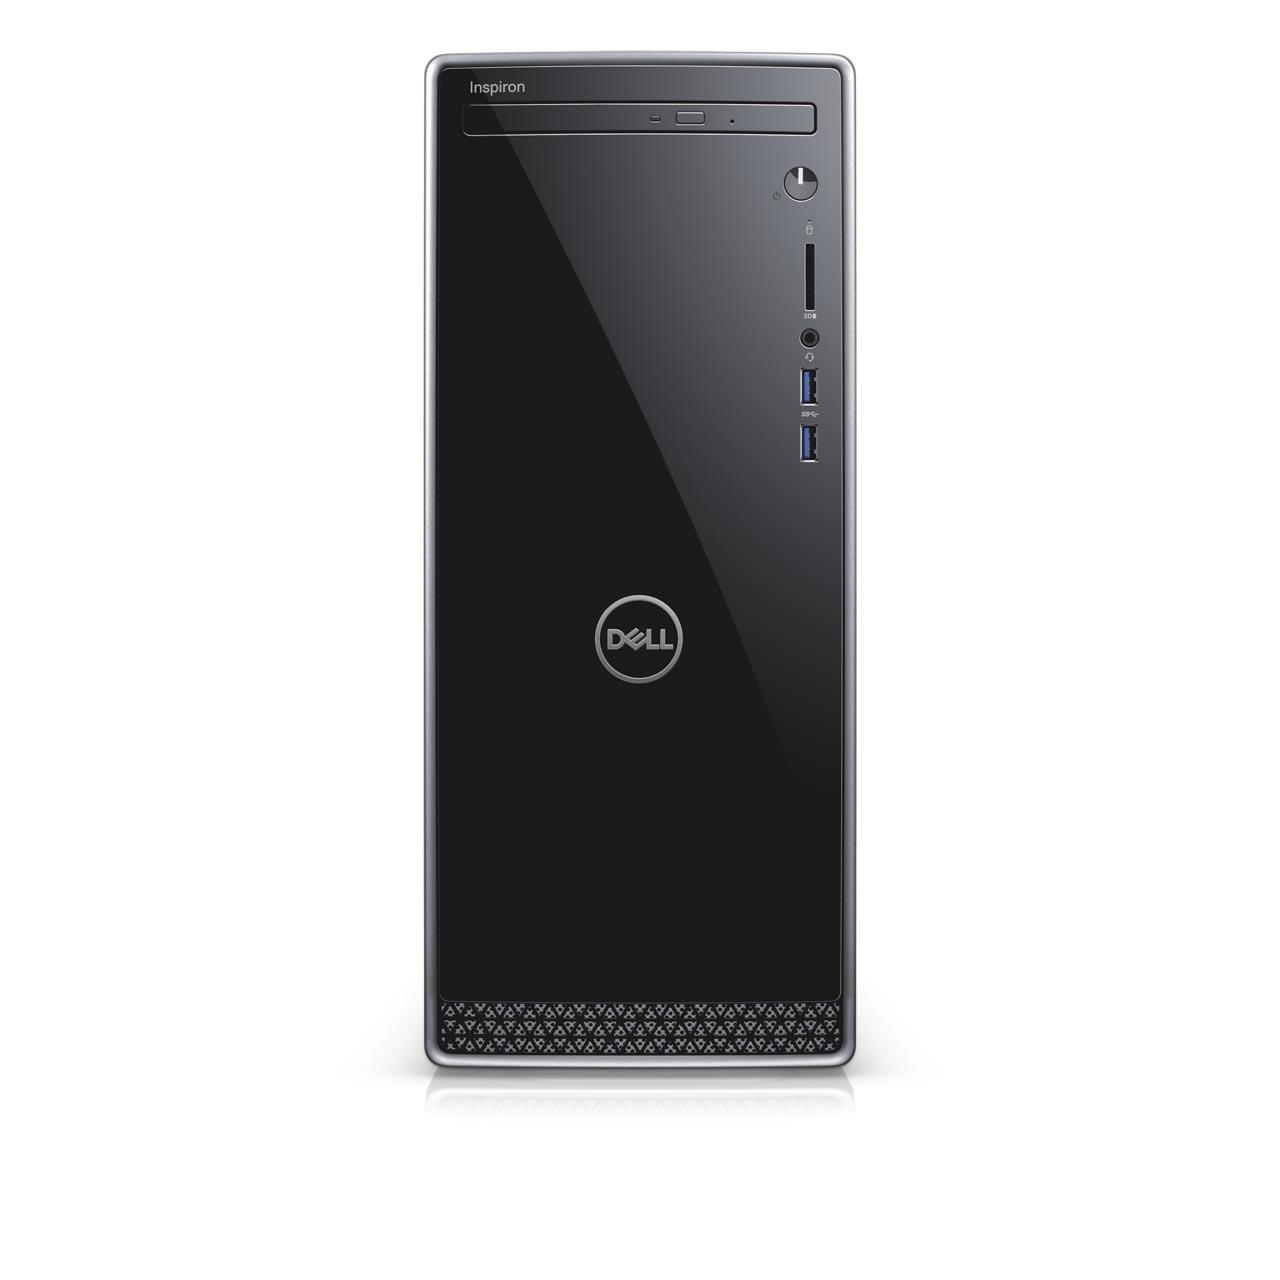 Dell Inspiron 3671 Desktop (Octa i7 9700 / 12GB / 256GB SSD)